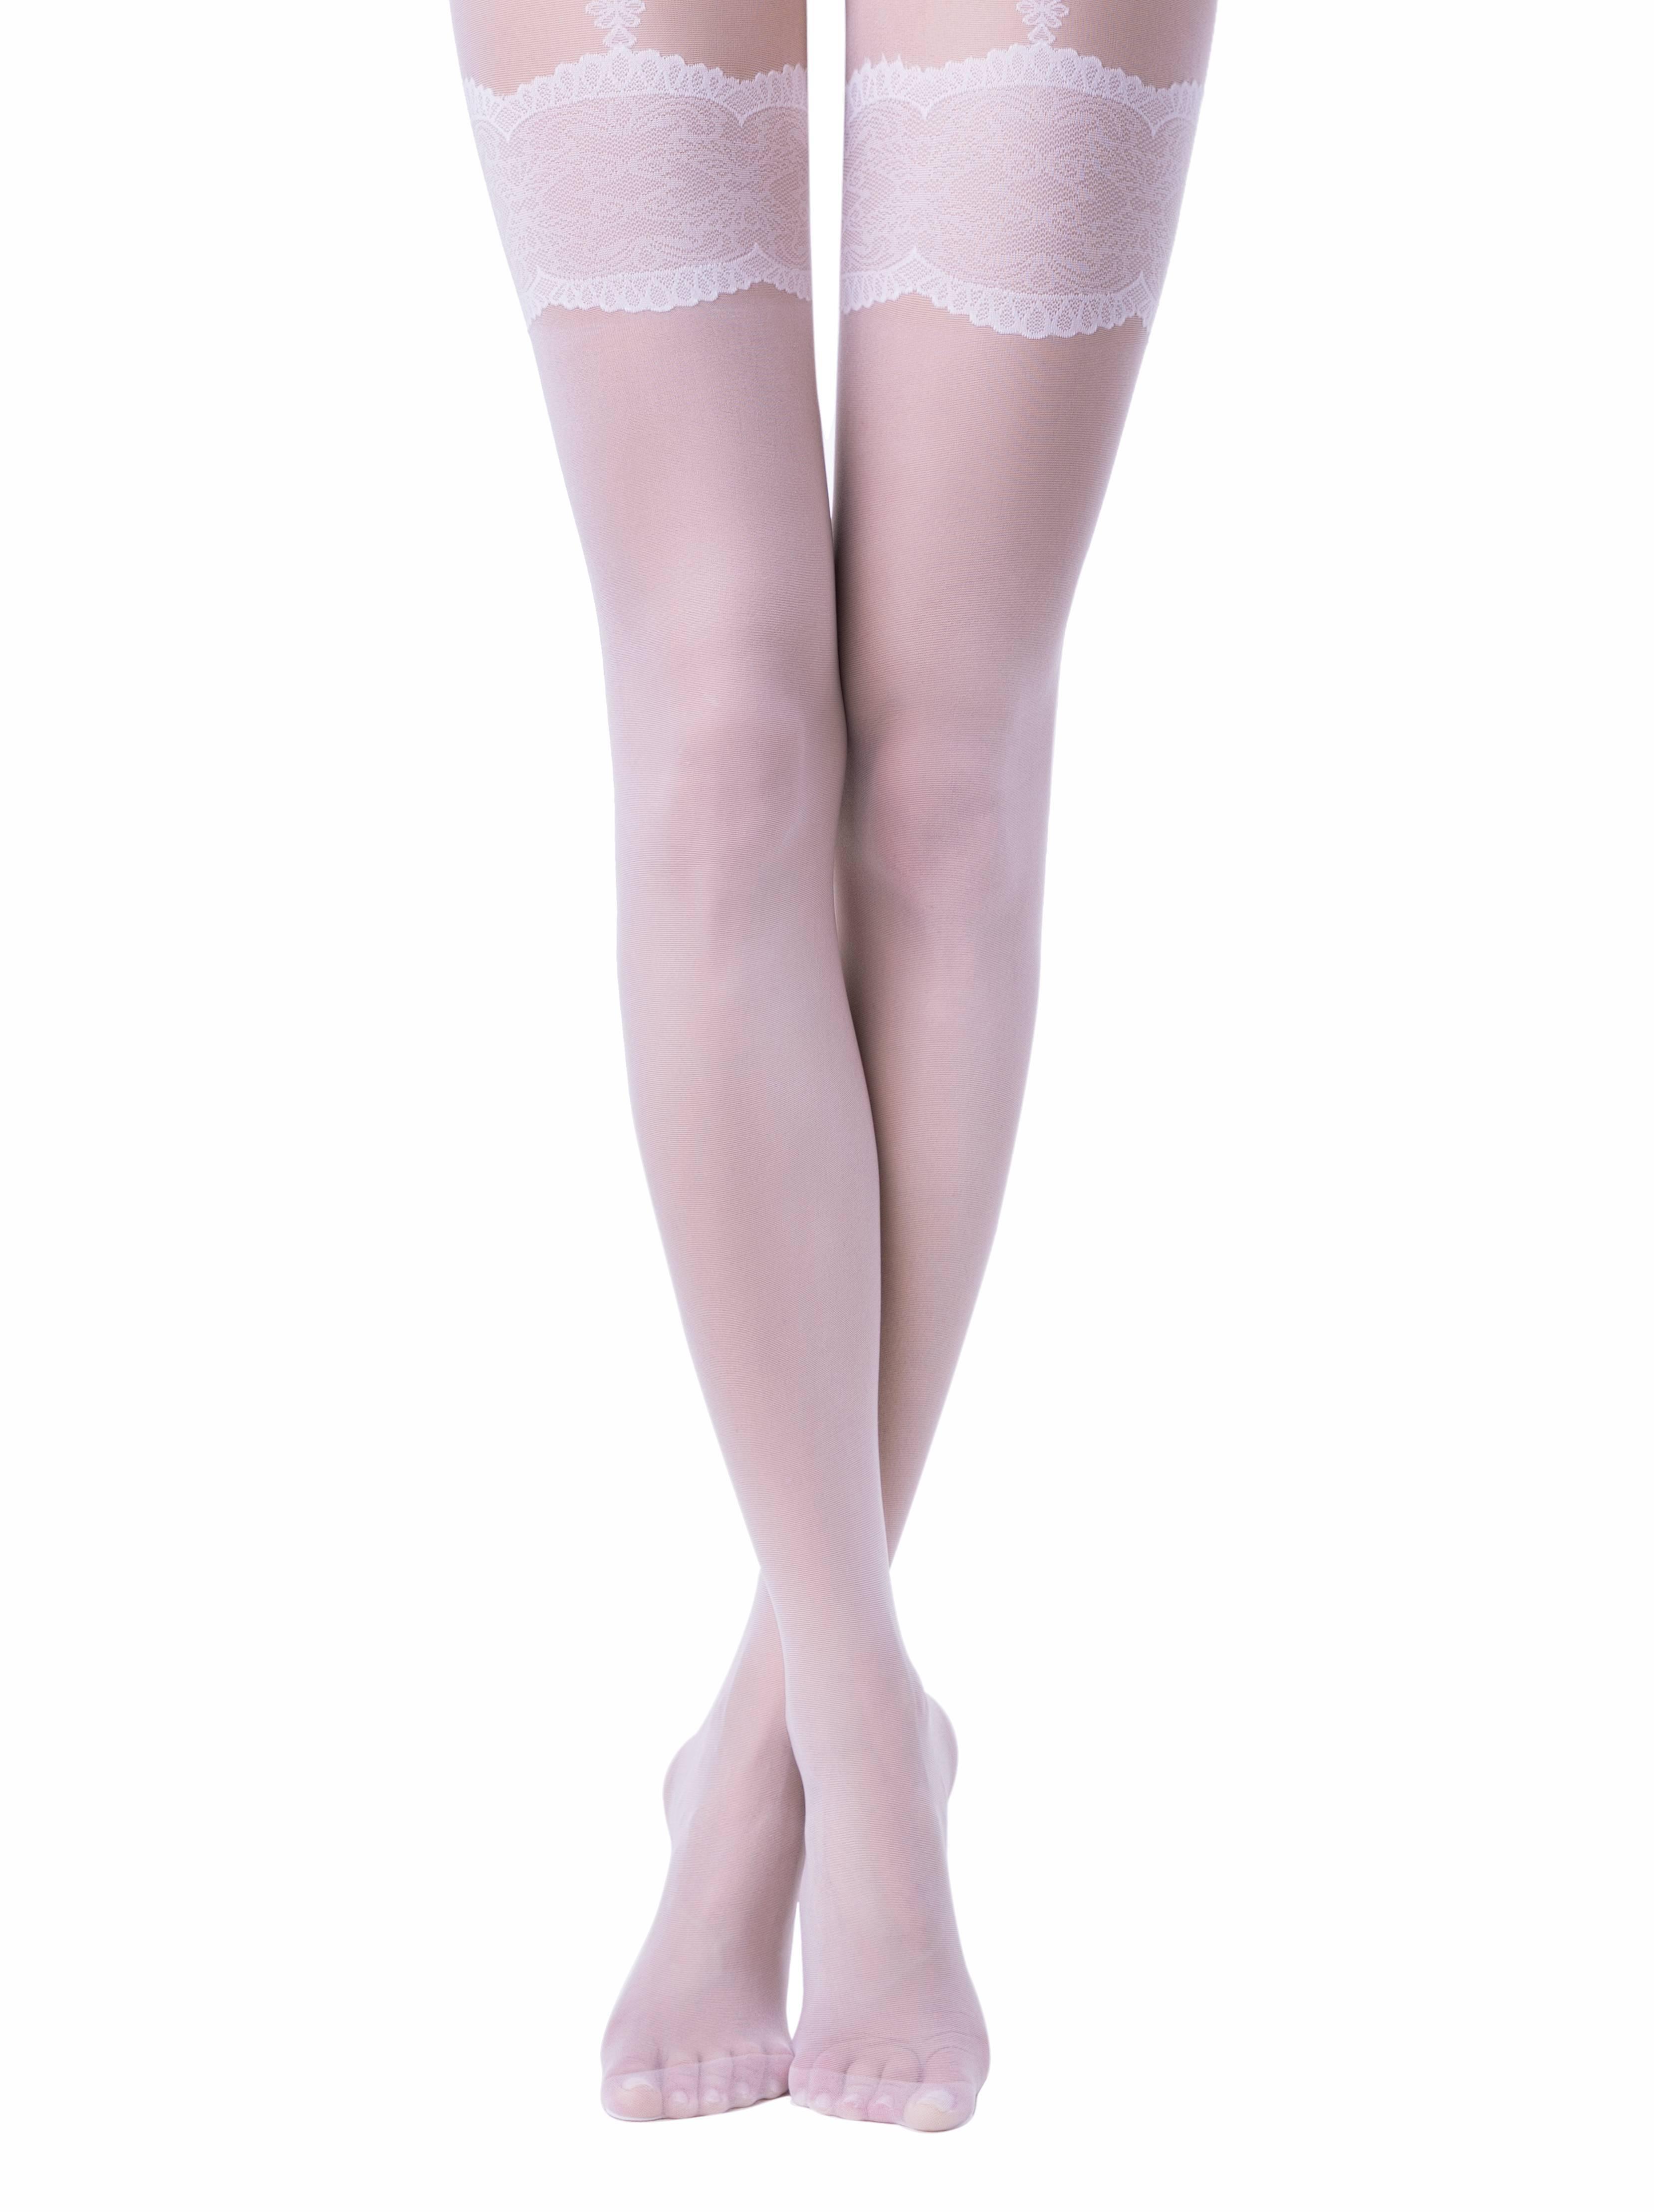 Колготки полиамидные женские ⭐️ Свадебные колготки с имитацией чулок на подвязках SENSUALE ⭐️